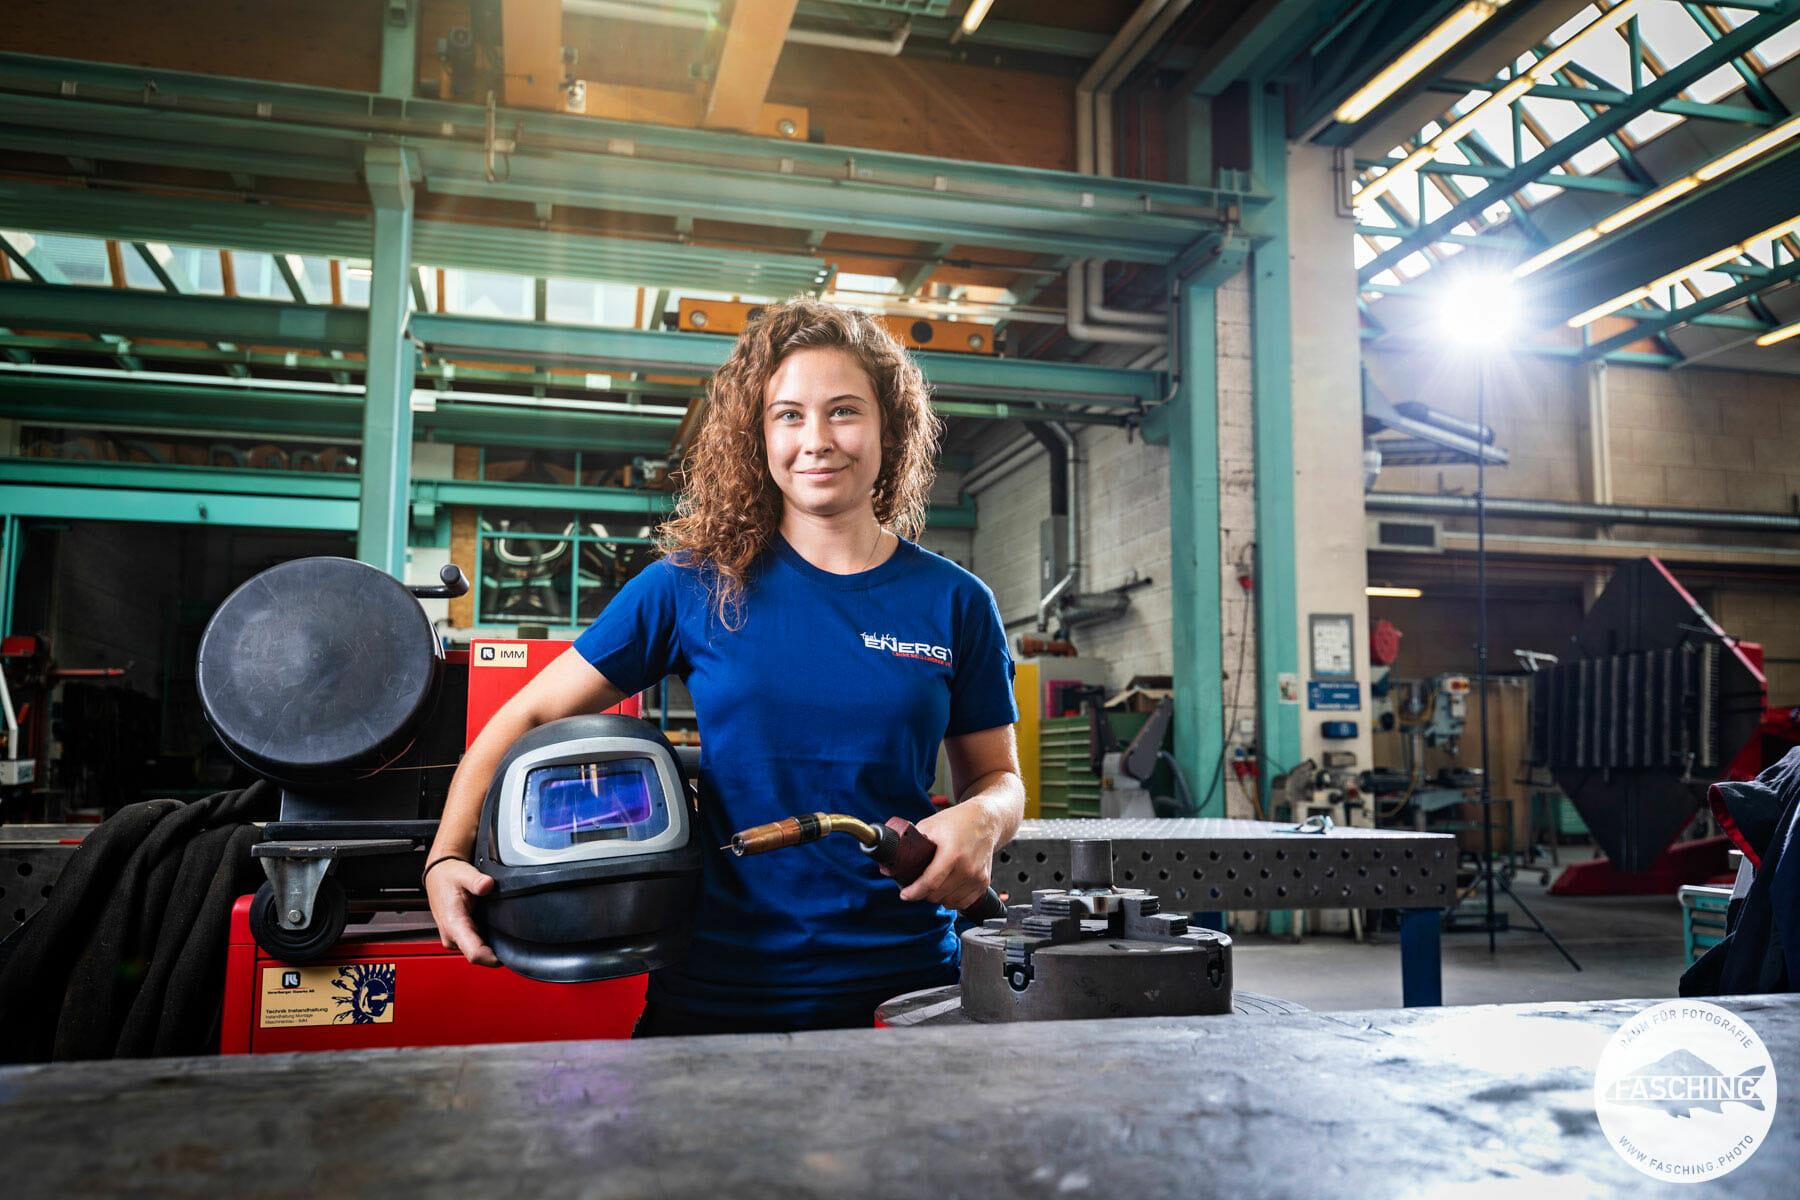 Lehrlingskampagne für das Vorarlberger Unternehmen Illwerke. Industriefotografie und Portraitfotografie kombiniert von Fotostudio Fasching zeigt die Lehrlinge bei ihrer jeweiligen Arbeit